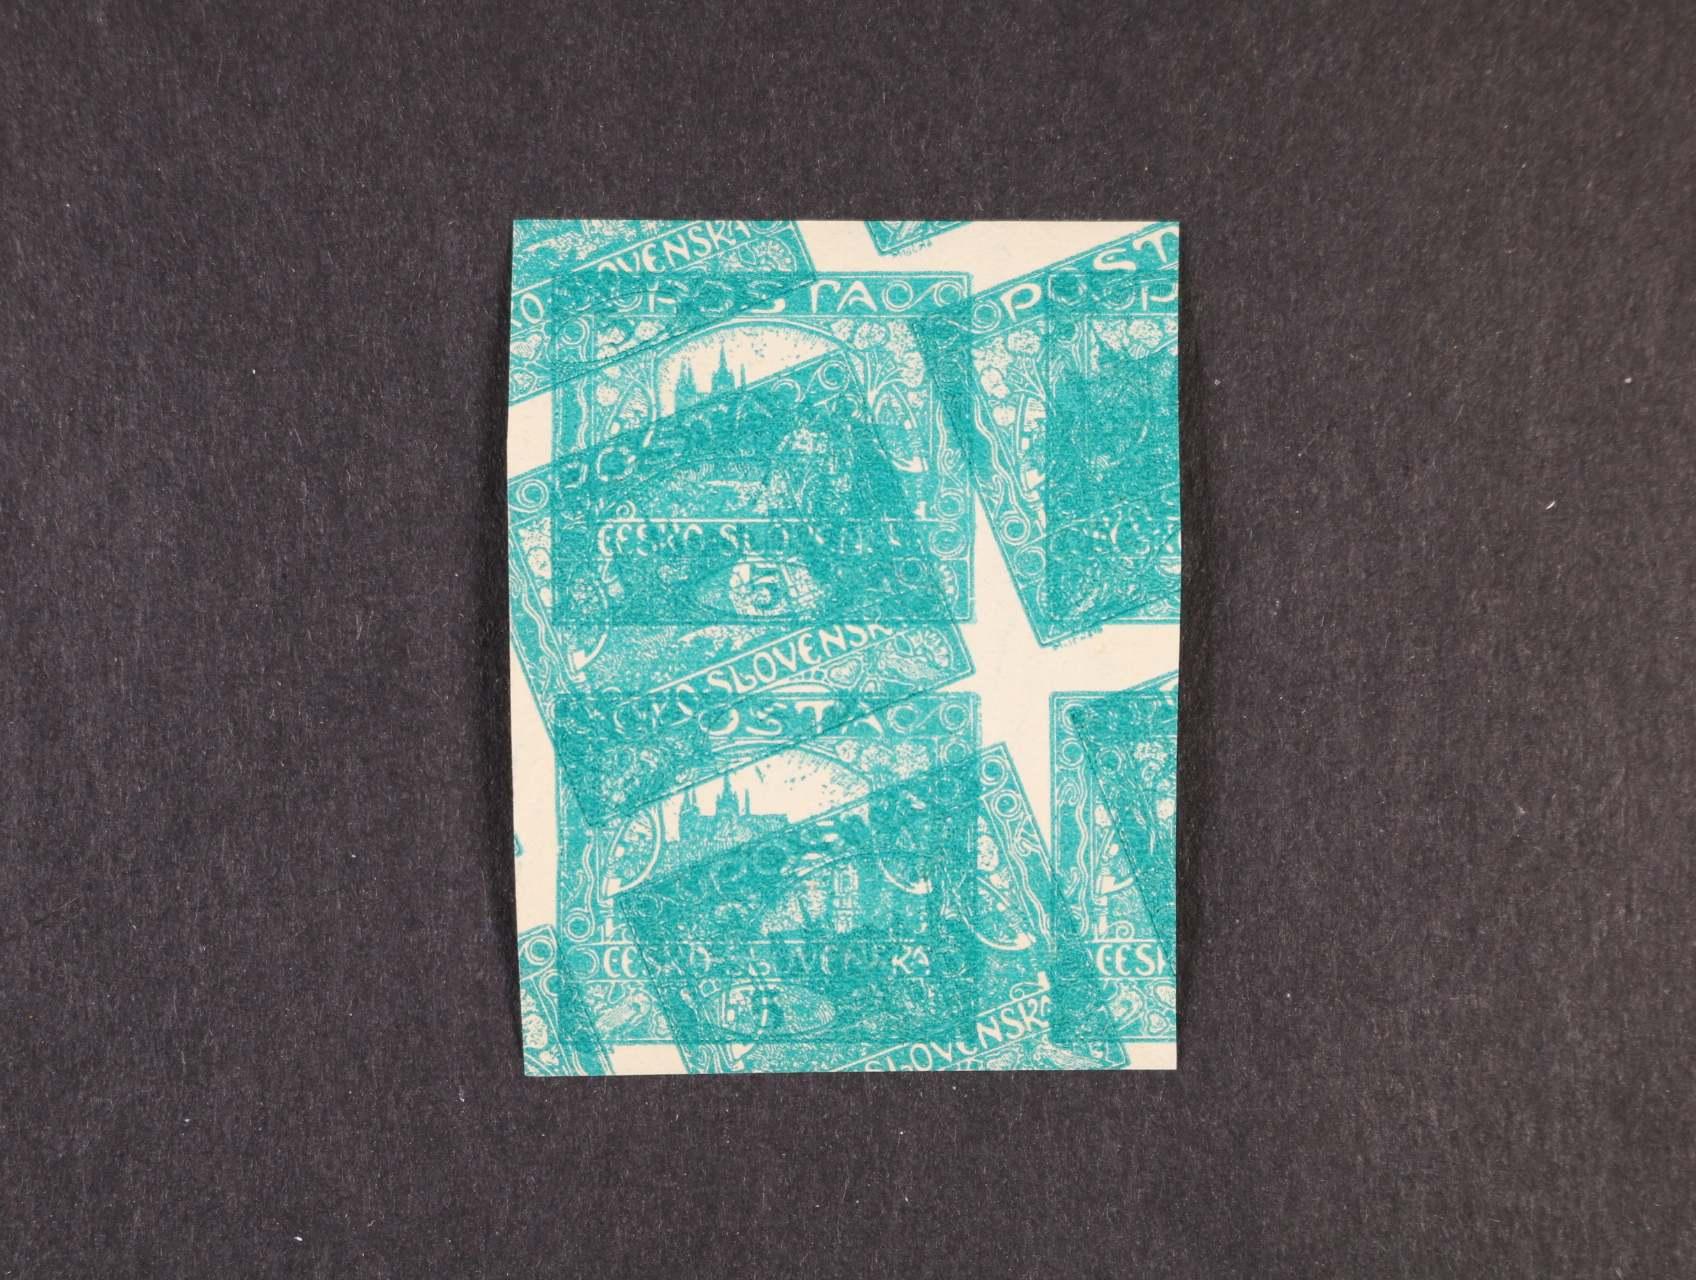 zn. č. 4b N tmavězelená z TD 5 - 8, ve svislé dvoupásce se šikmým dvojitým tiskem, zajímavé